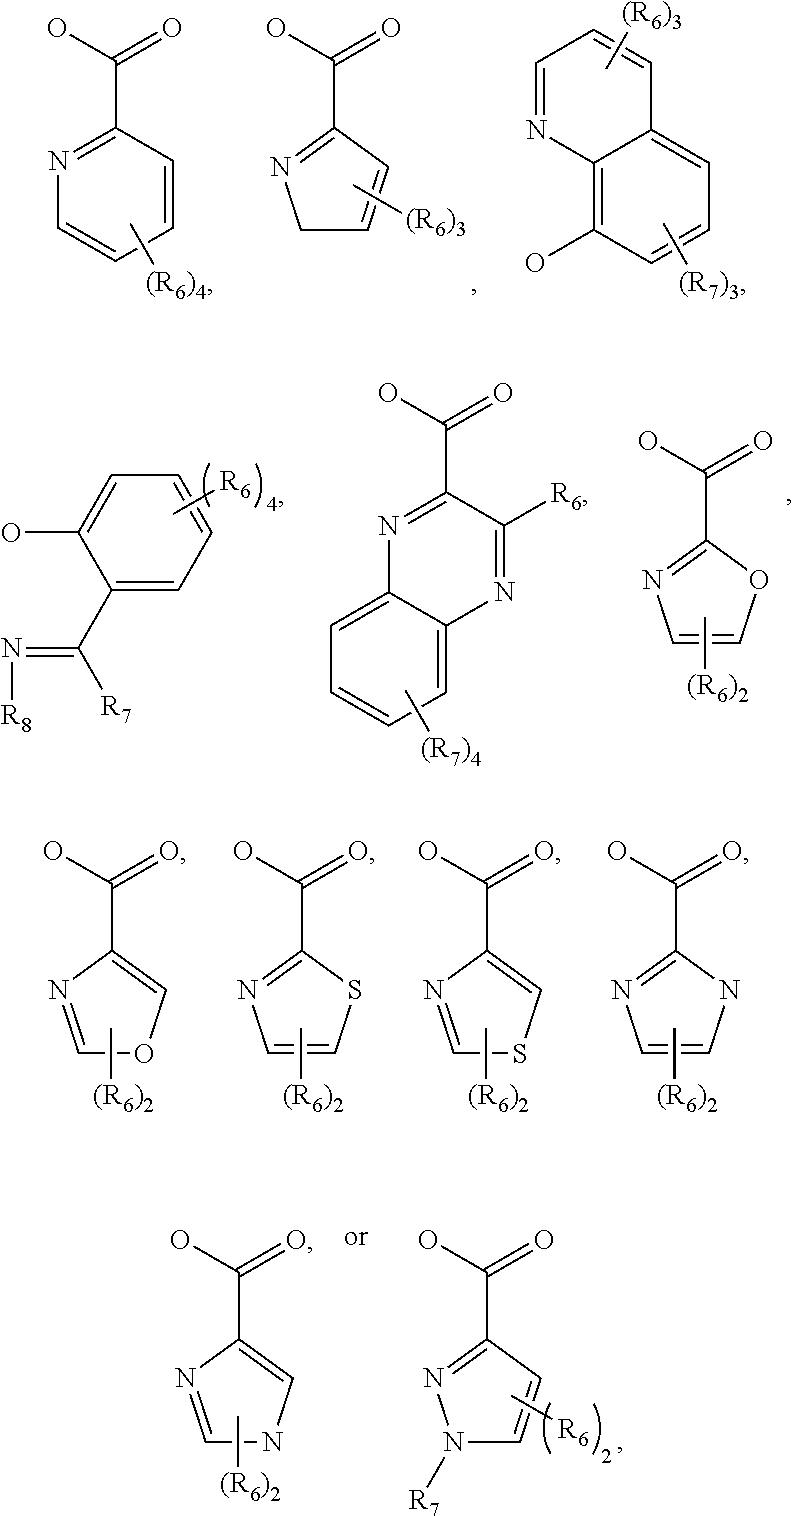 Figure US09634266-20170425-C00042